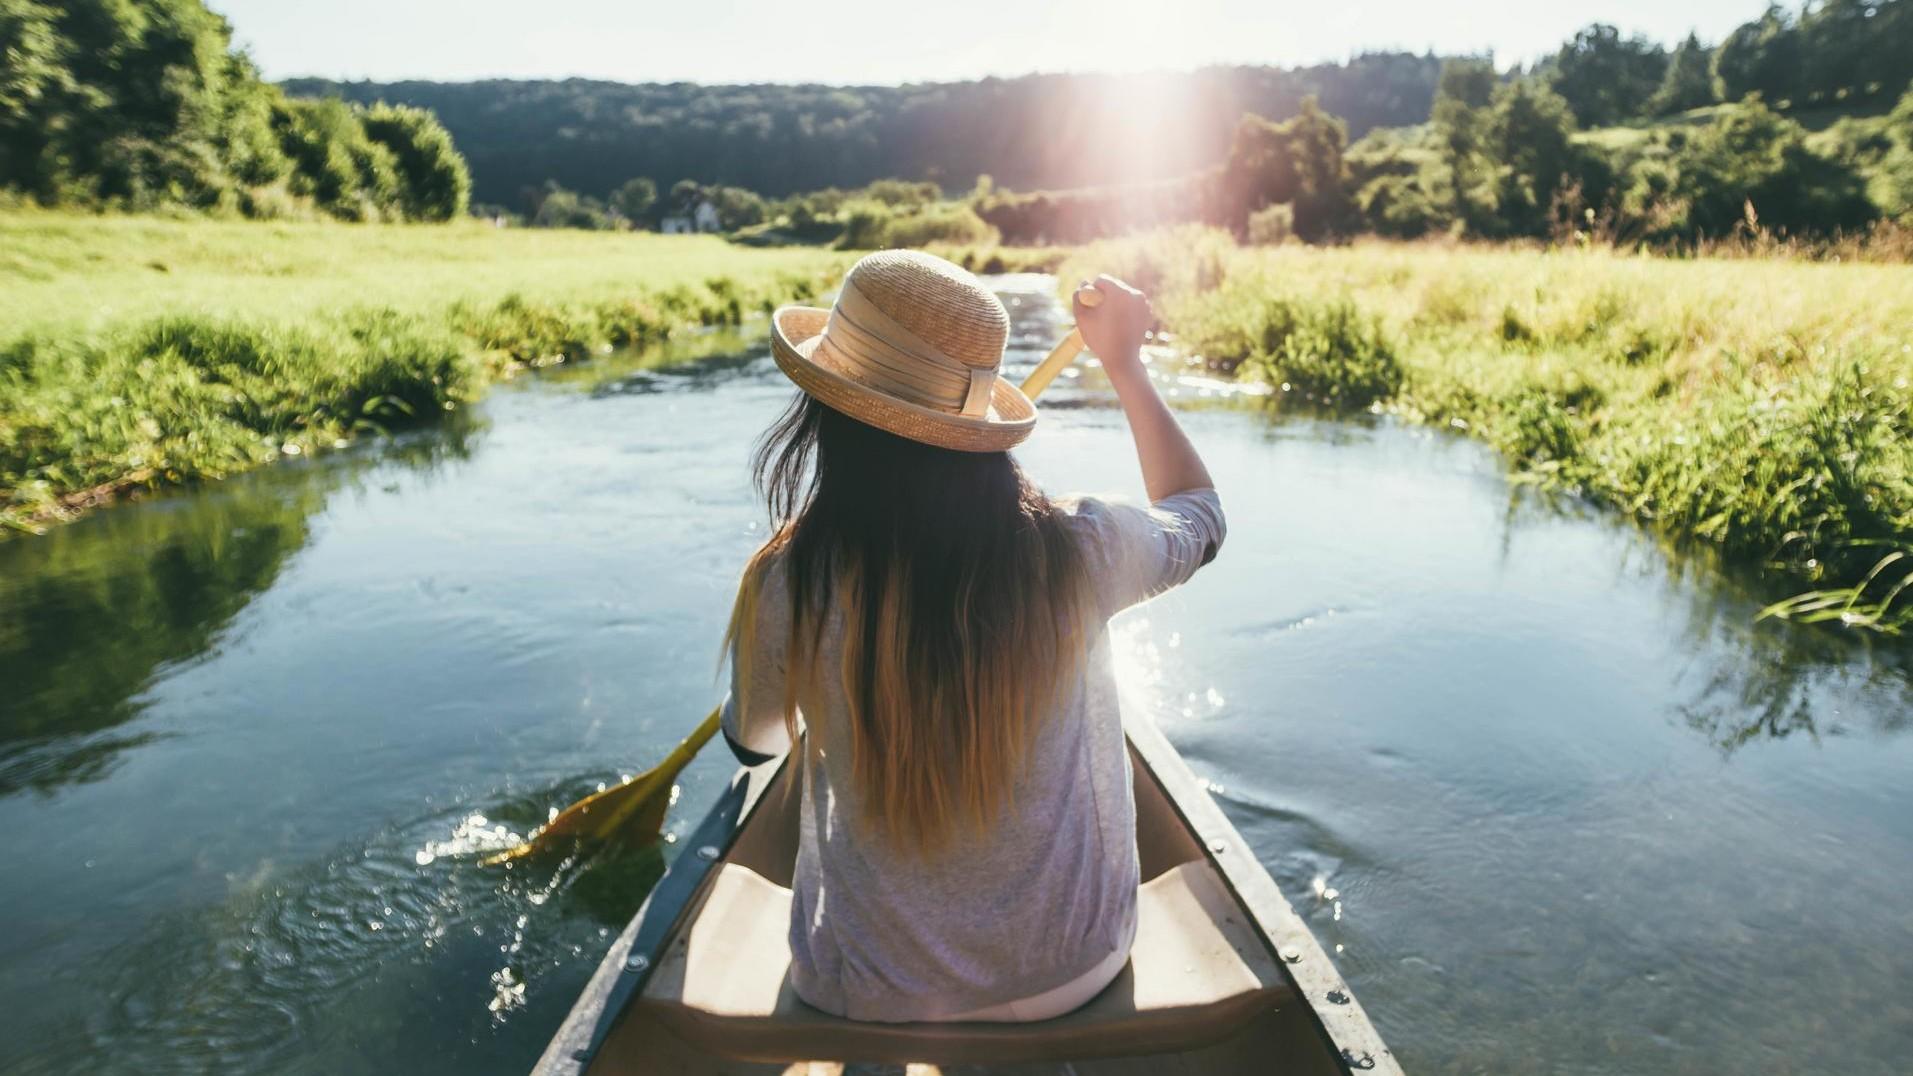 Eine Person sitzt vorne in einem Kanu und paddelt ruhig durch das Wasser. Sie trägt einen Sonnenhut. Links und rechts ist das dicht bewucherte Ufer. Die Sonne strahlt.